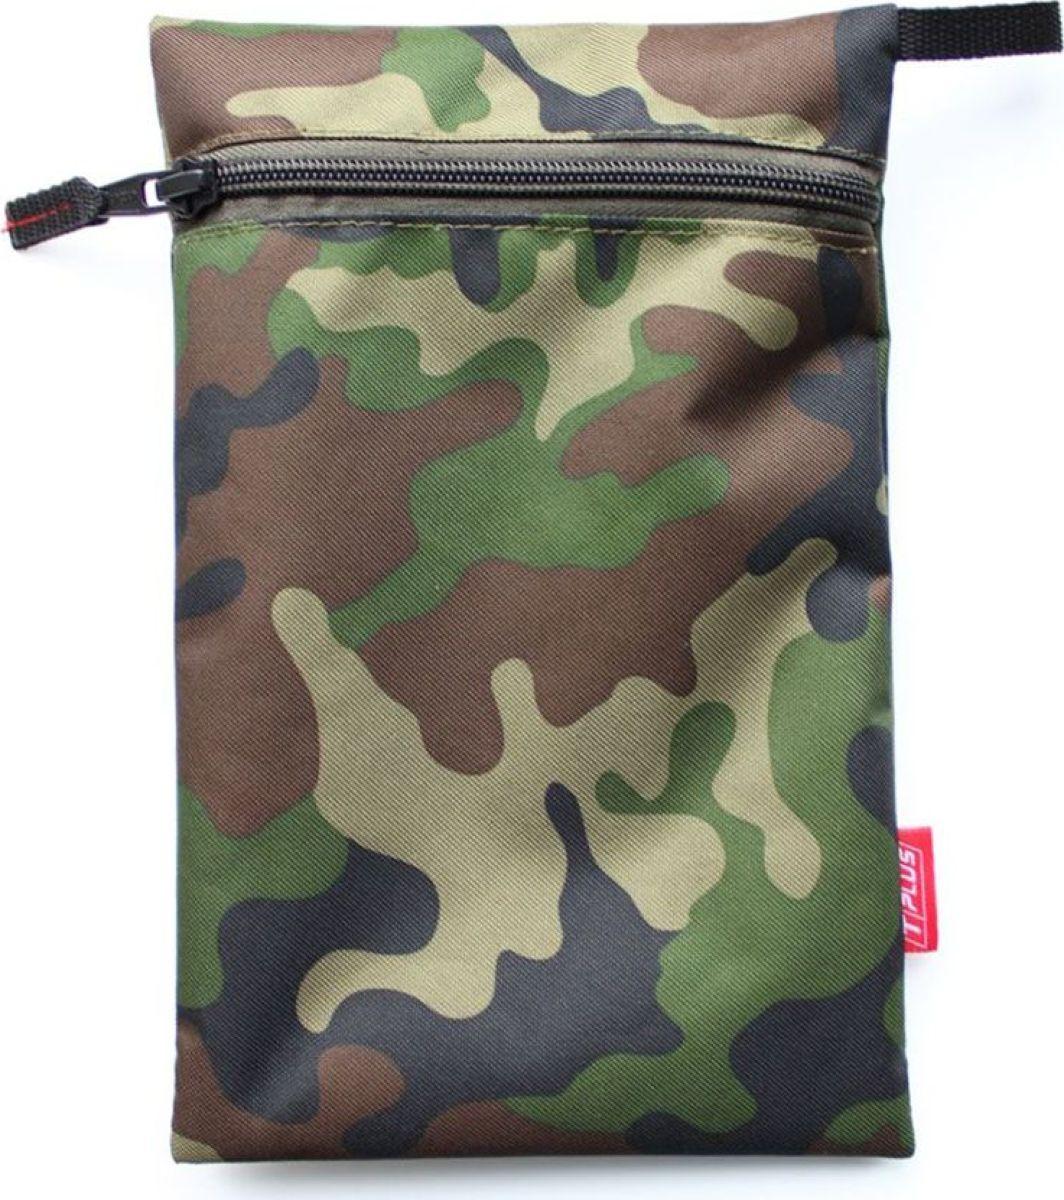 Мешок вещевой Tplus 600, цвет: нато, 15 x 23 см сумка рыбака tplus 600 цвет цифра 40 x 22 x 24 см